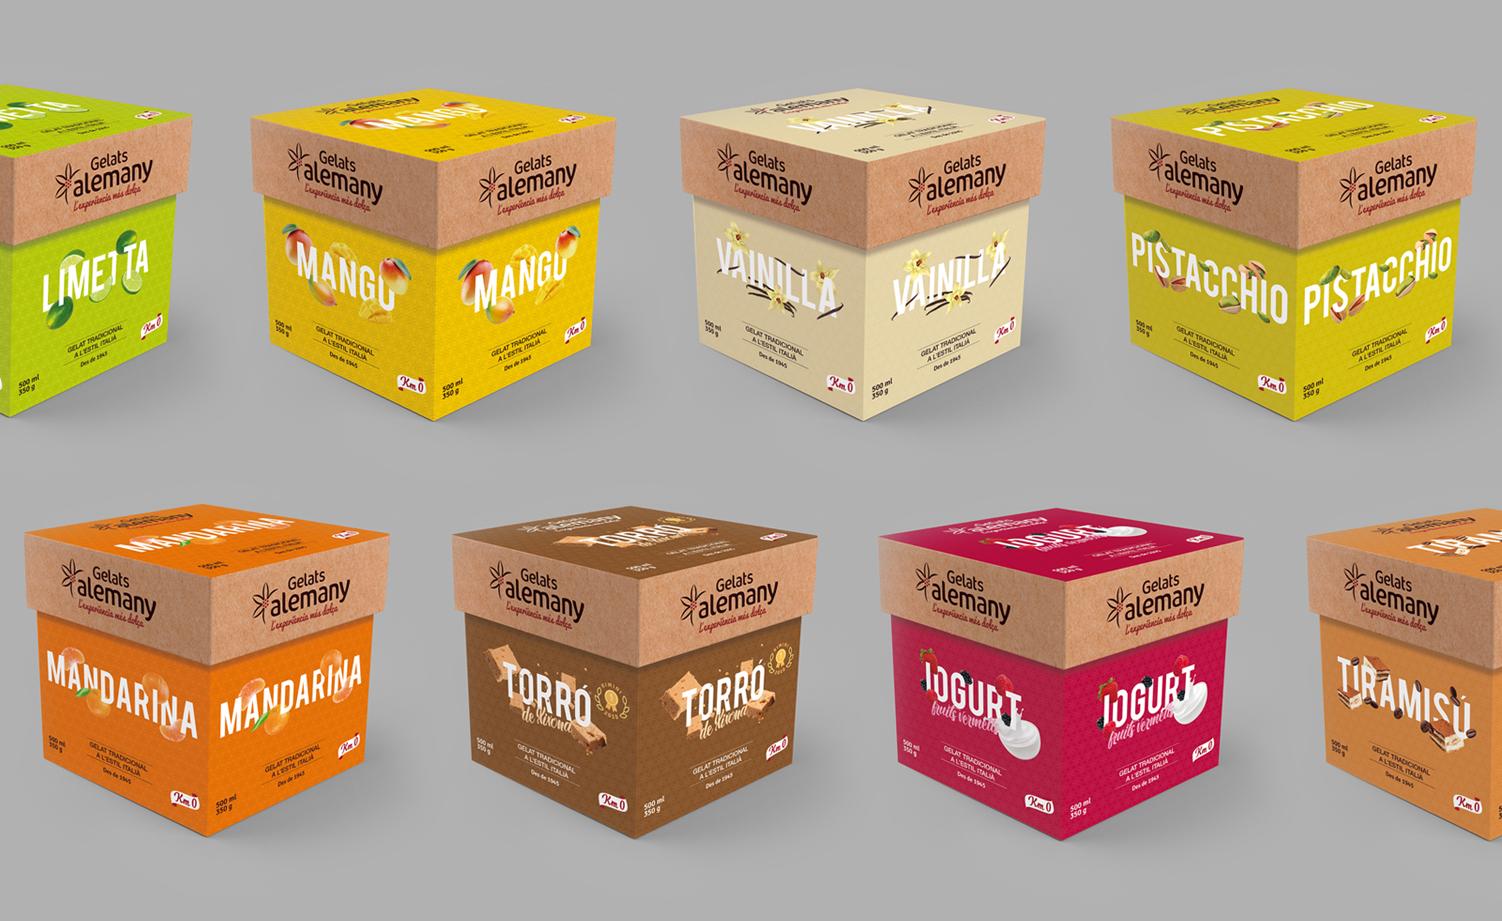 Diseño de packaging sostenible y eco para helados Alemany - Bodegón